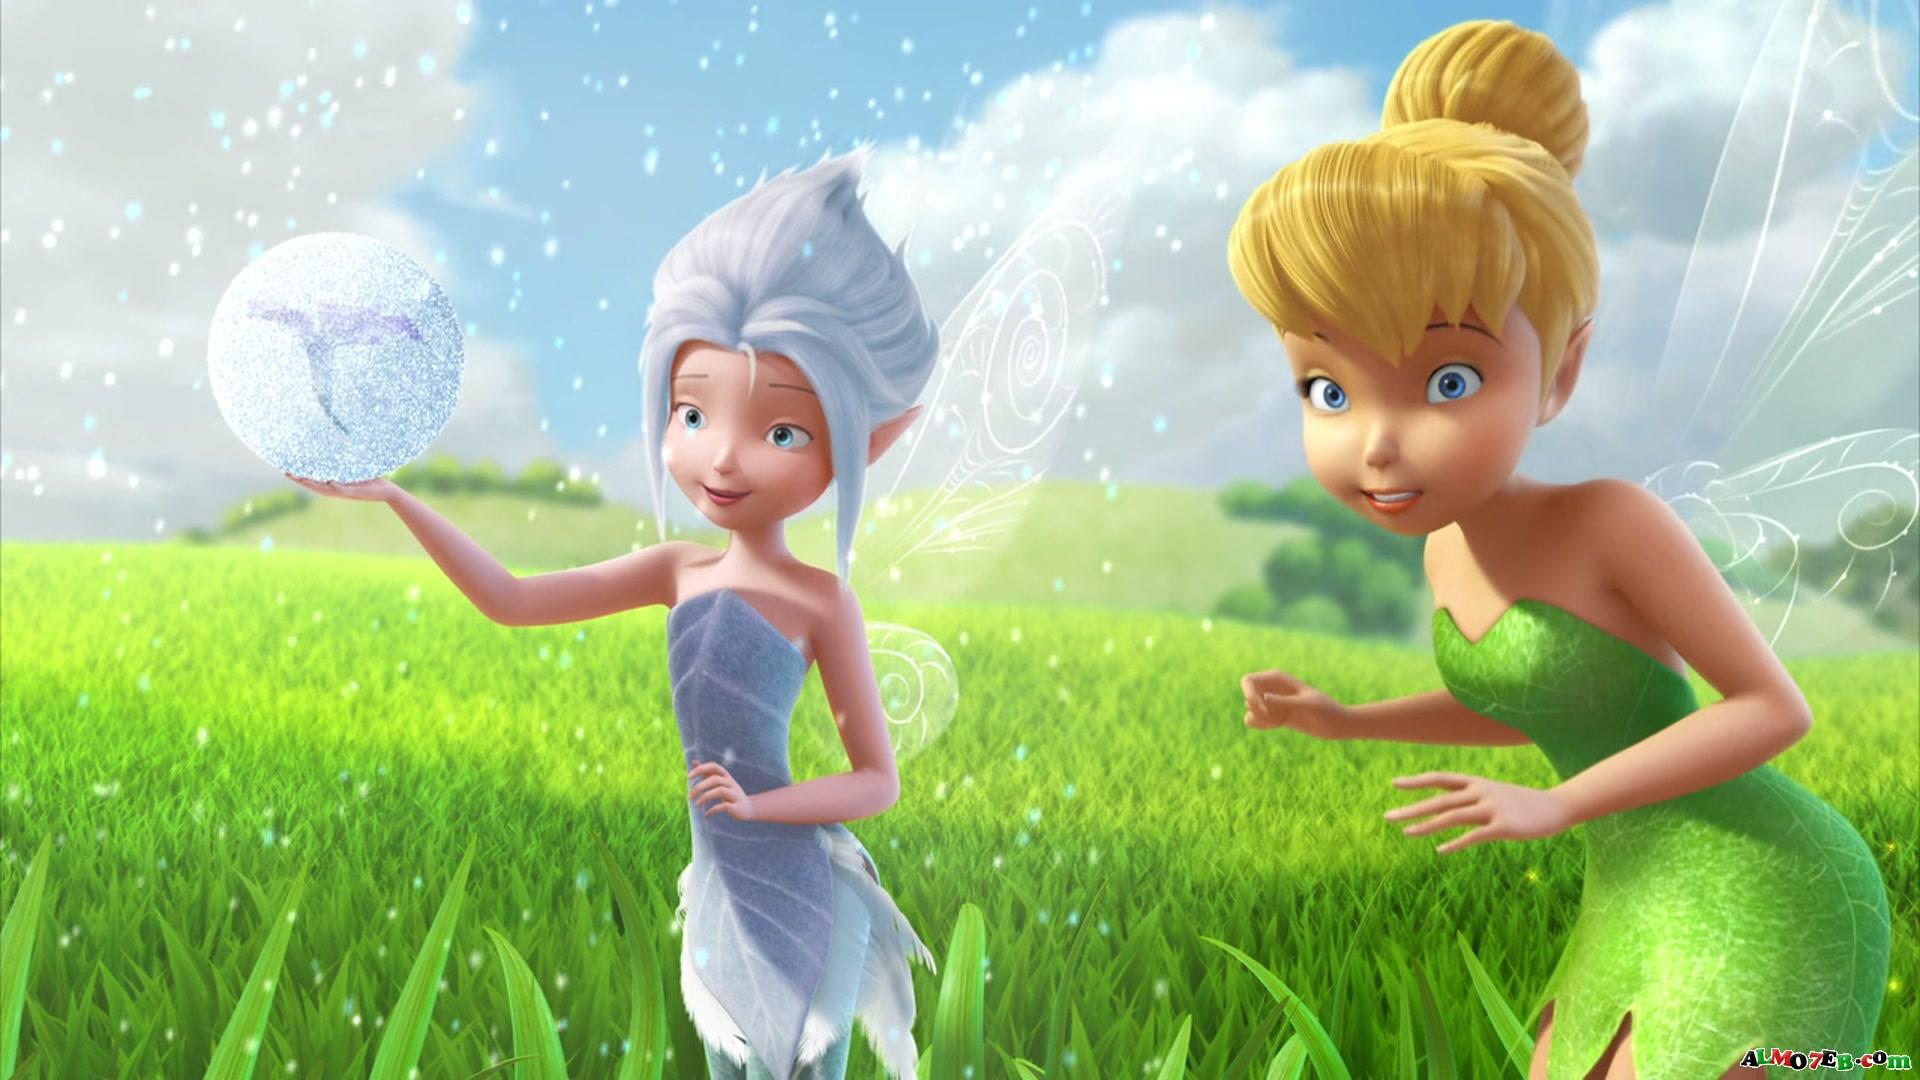 3d Tinkerbell Wallpaper صور خلفيات كرتونية من فلم الكرتون Tinker Bell 4 Backgrounds